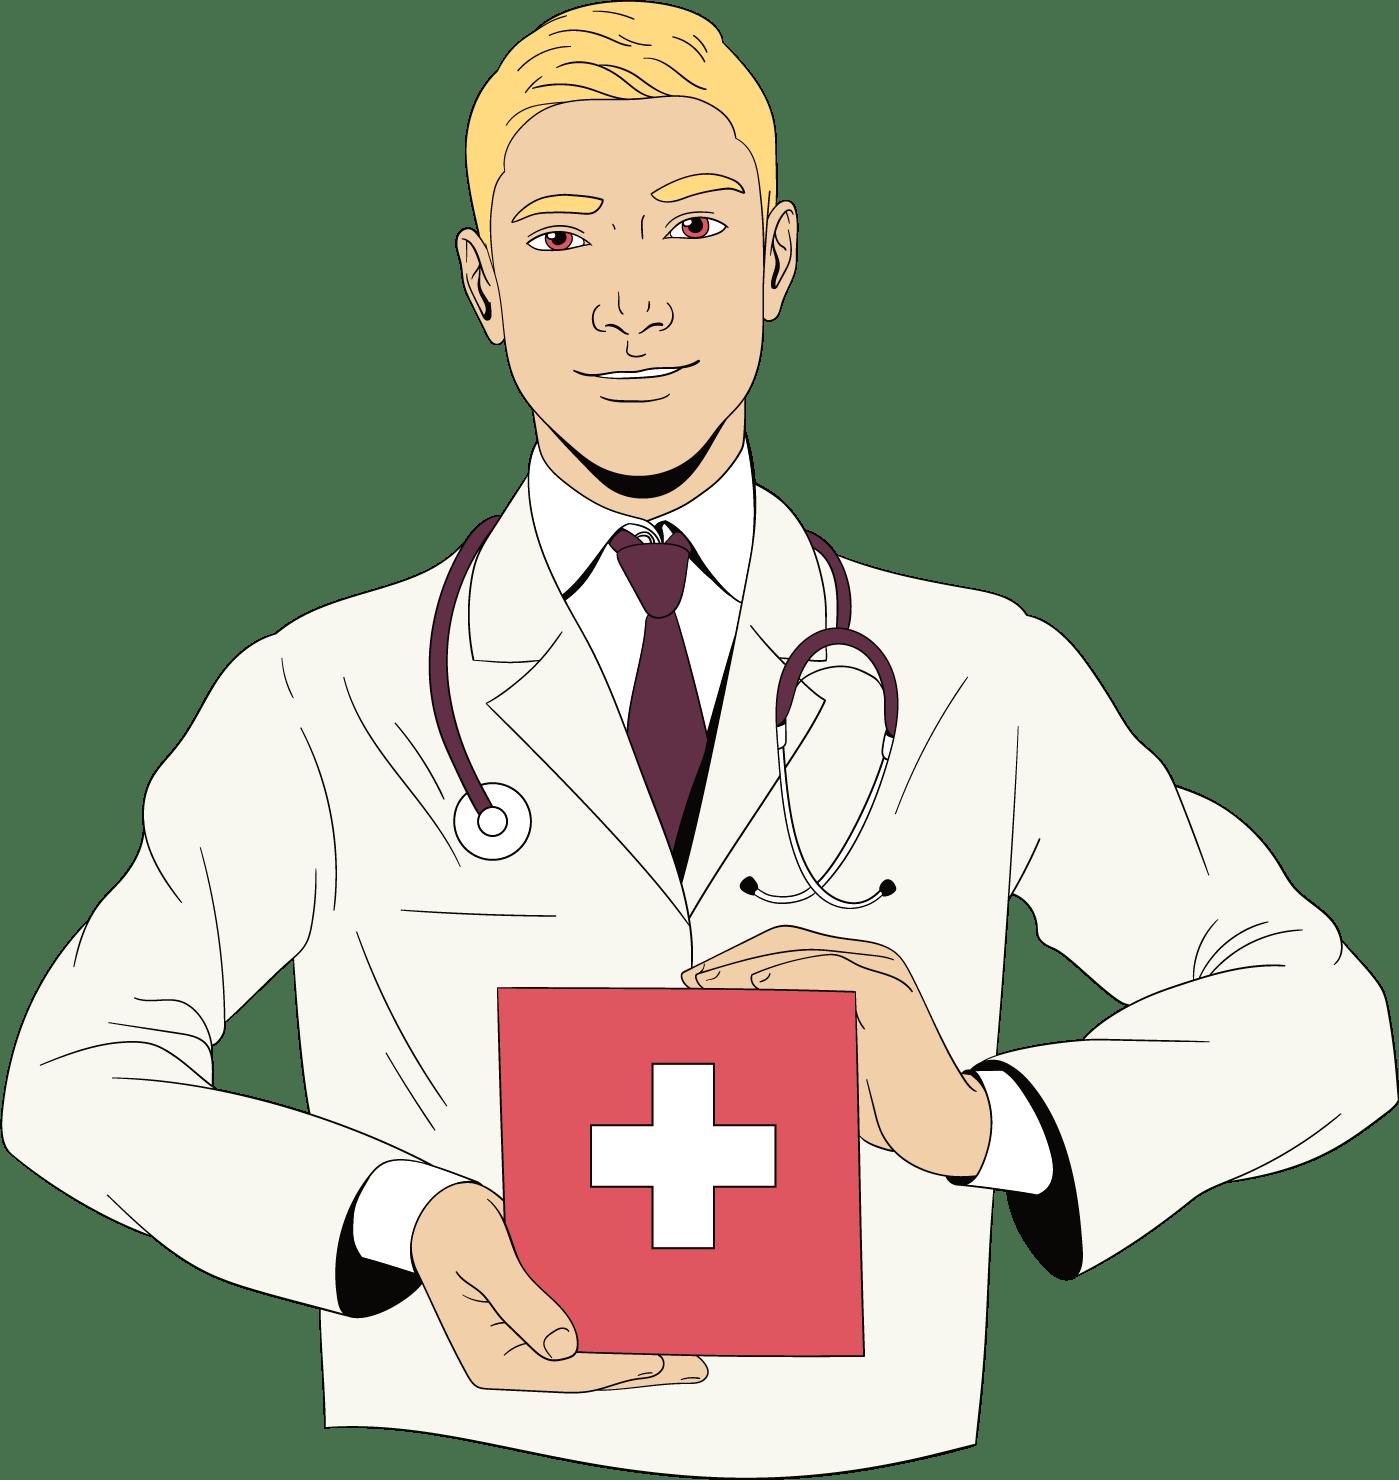 Trousse de premiers soins avec questions